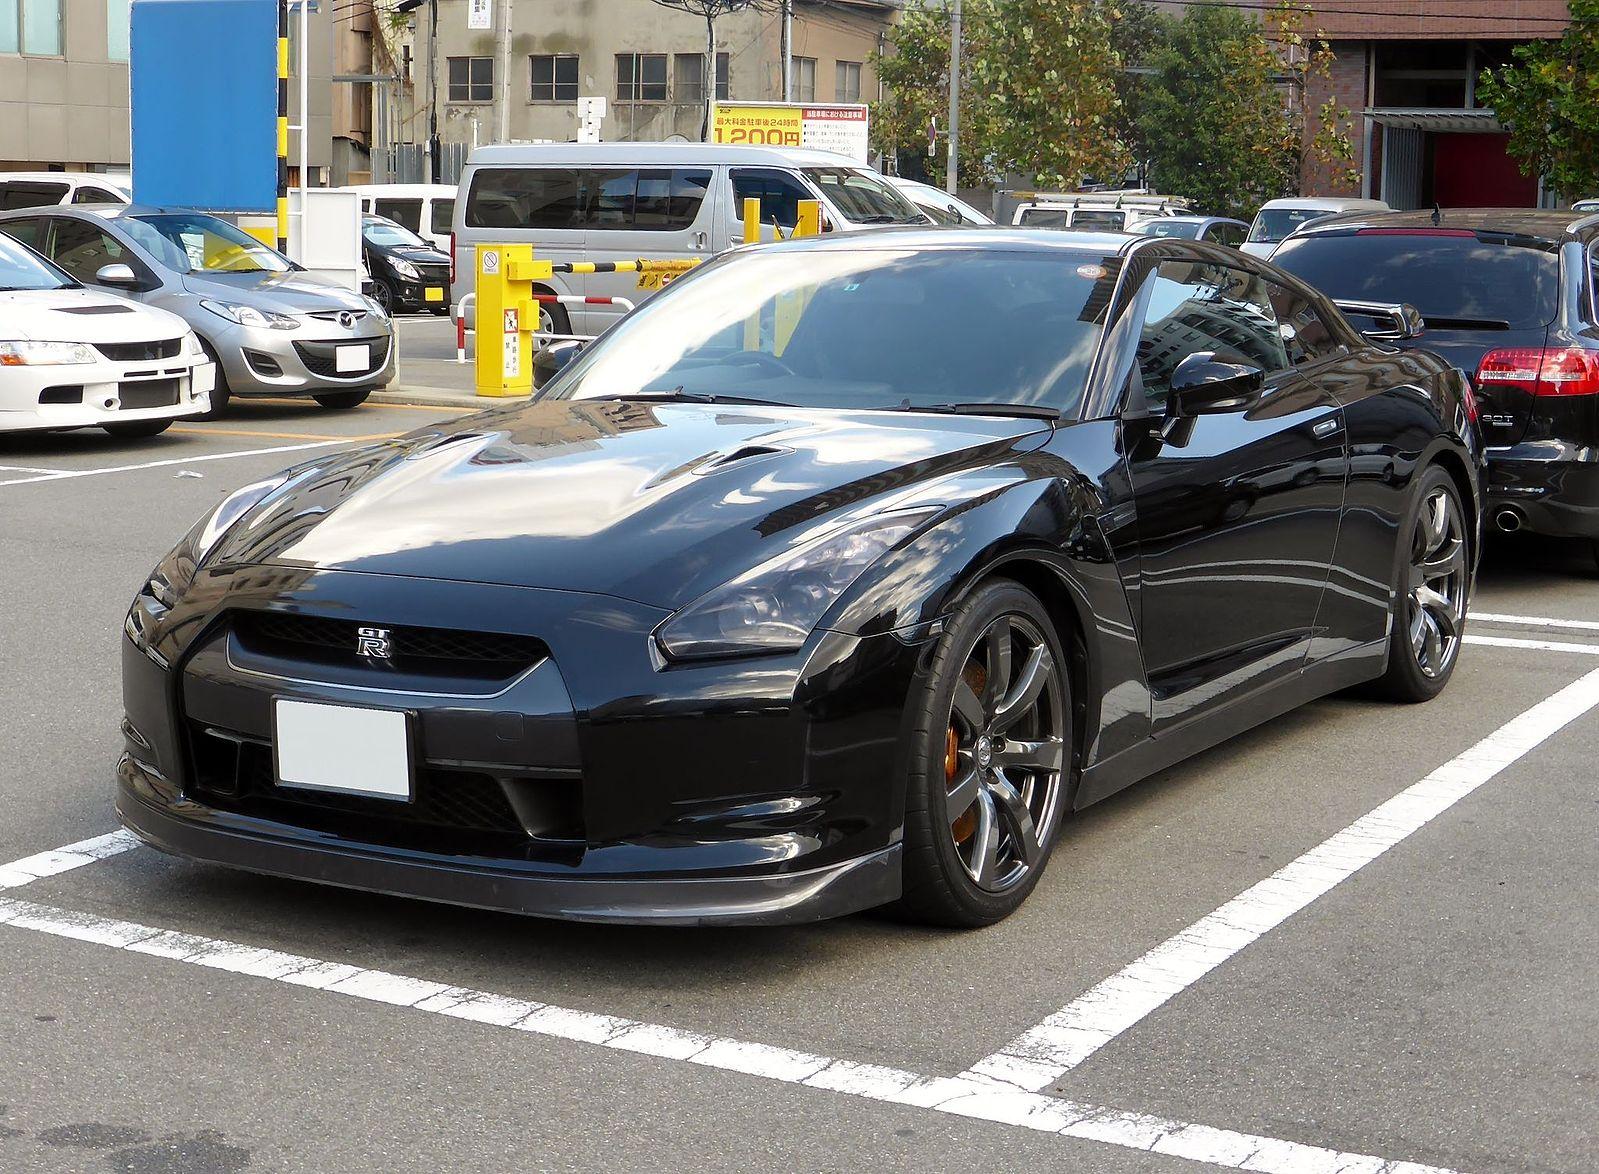 File:Nissan GT-R 04.JPG - Wikimedia Commons